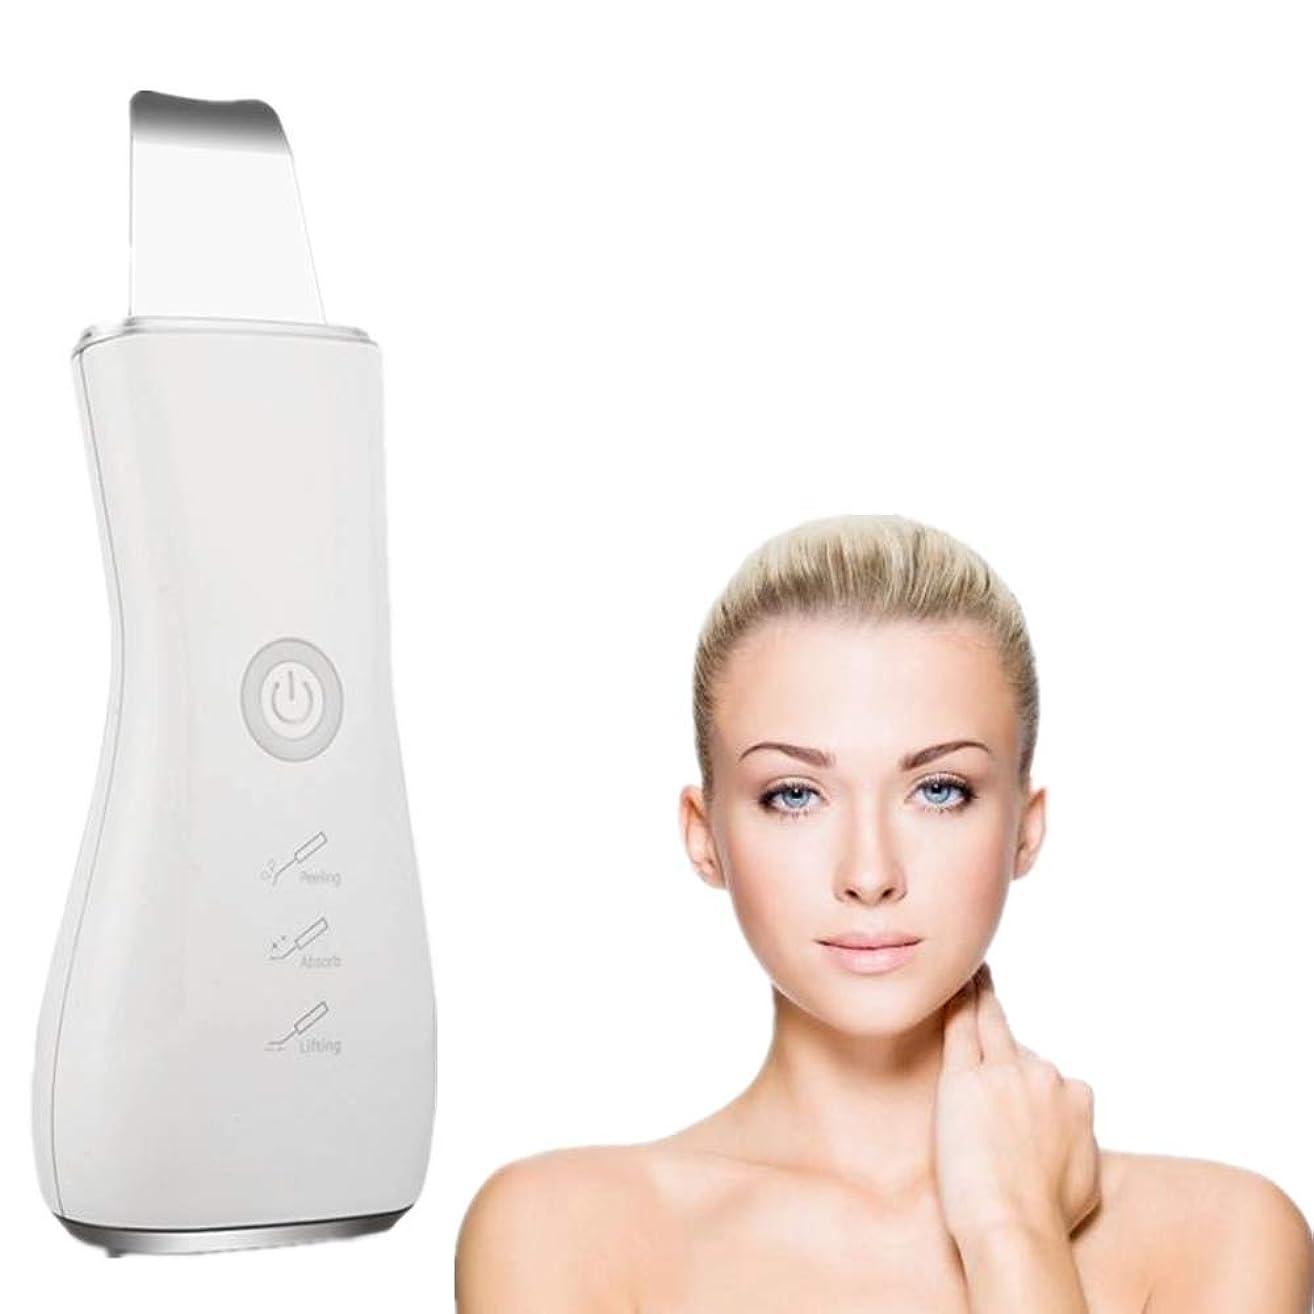 夢値下げ数学的な顔の皮膚スクラバーブラックヘッドリムーバー毛穴充電式スキンスクラバー光子の若返り美容スキンクリーナーEMSクリーニングイオン導入モードUSB充電式美容ツール、シルバー